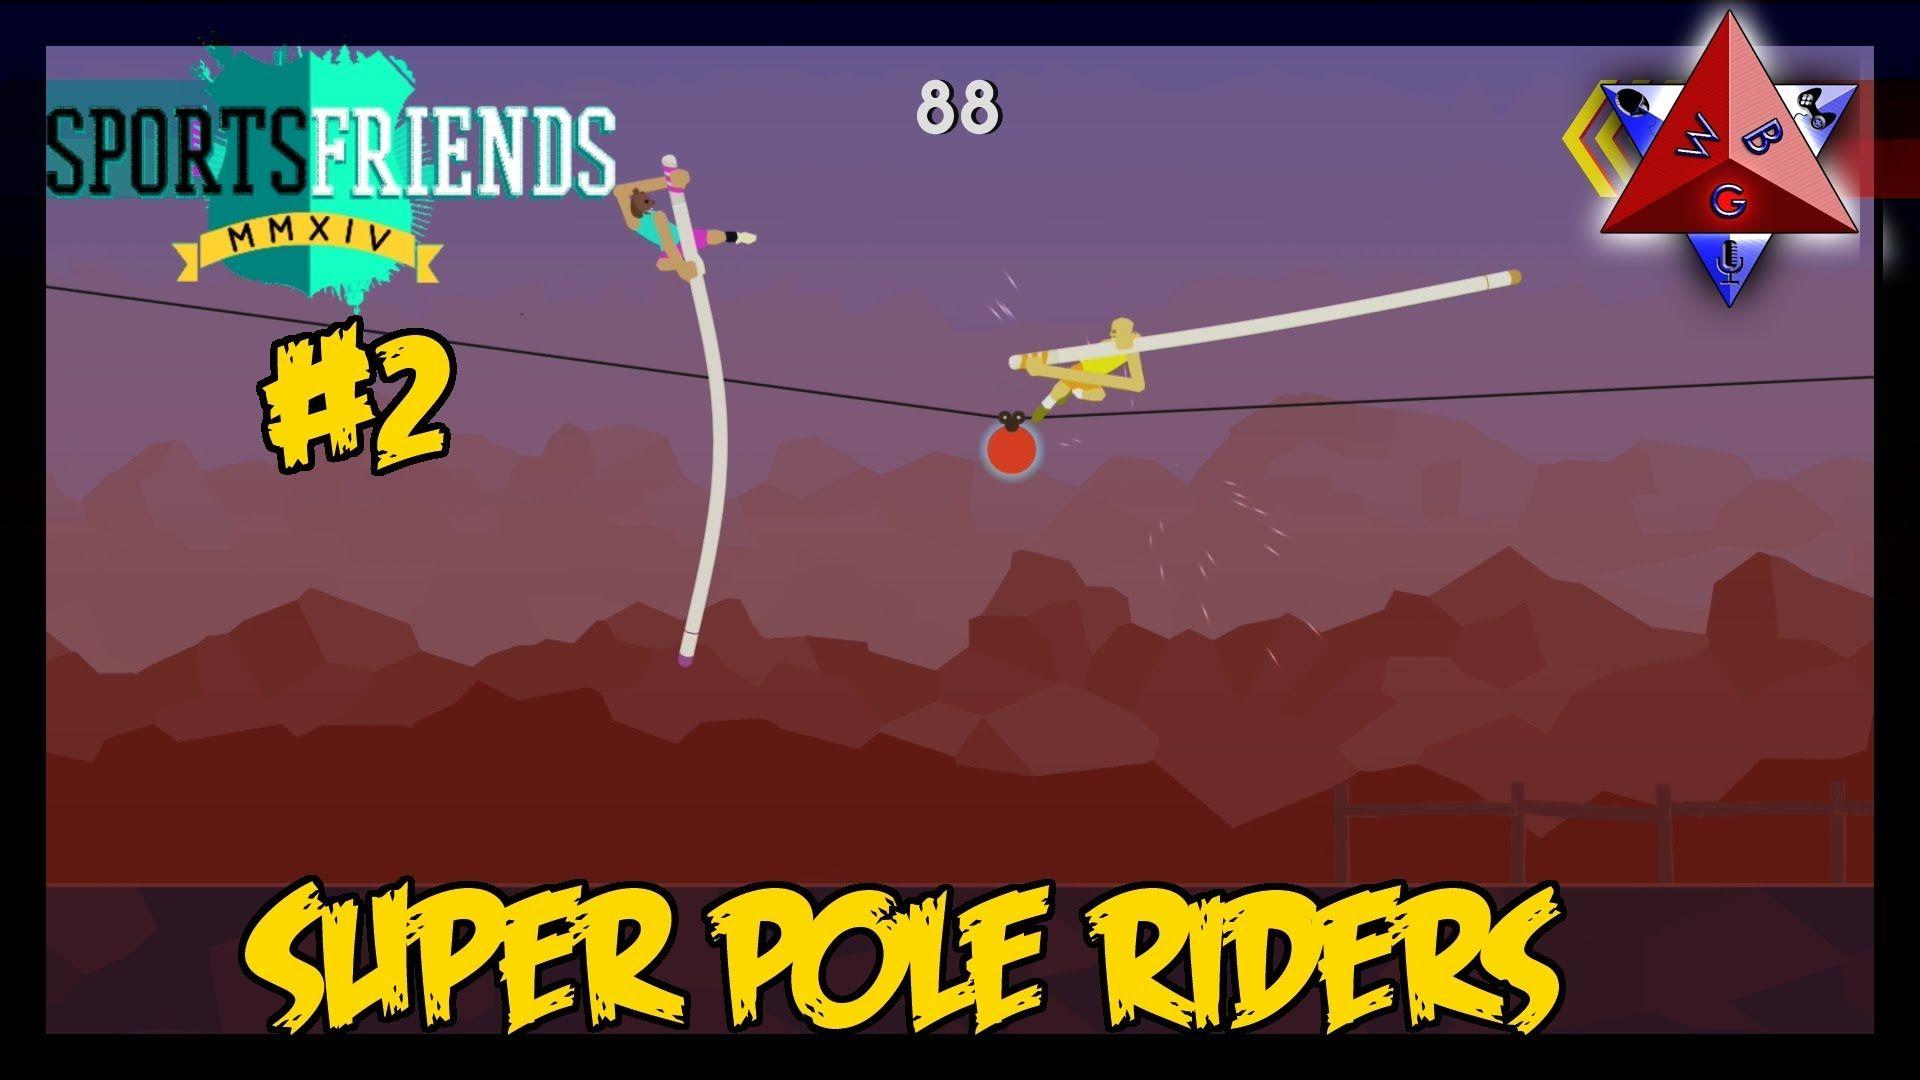 Let's Play Sportsfriends 2 Riding Poles! Super Pole